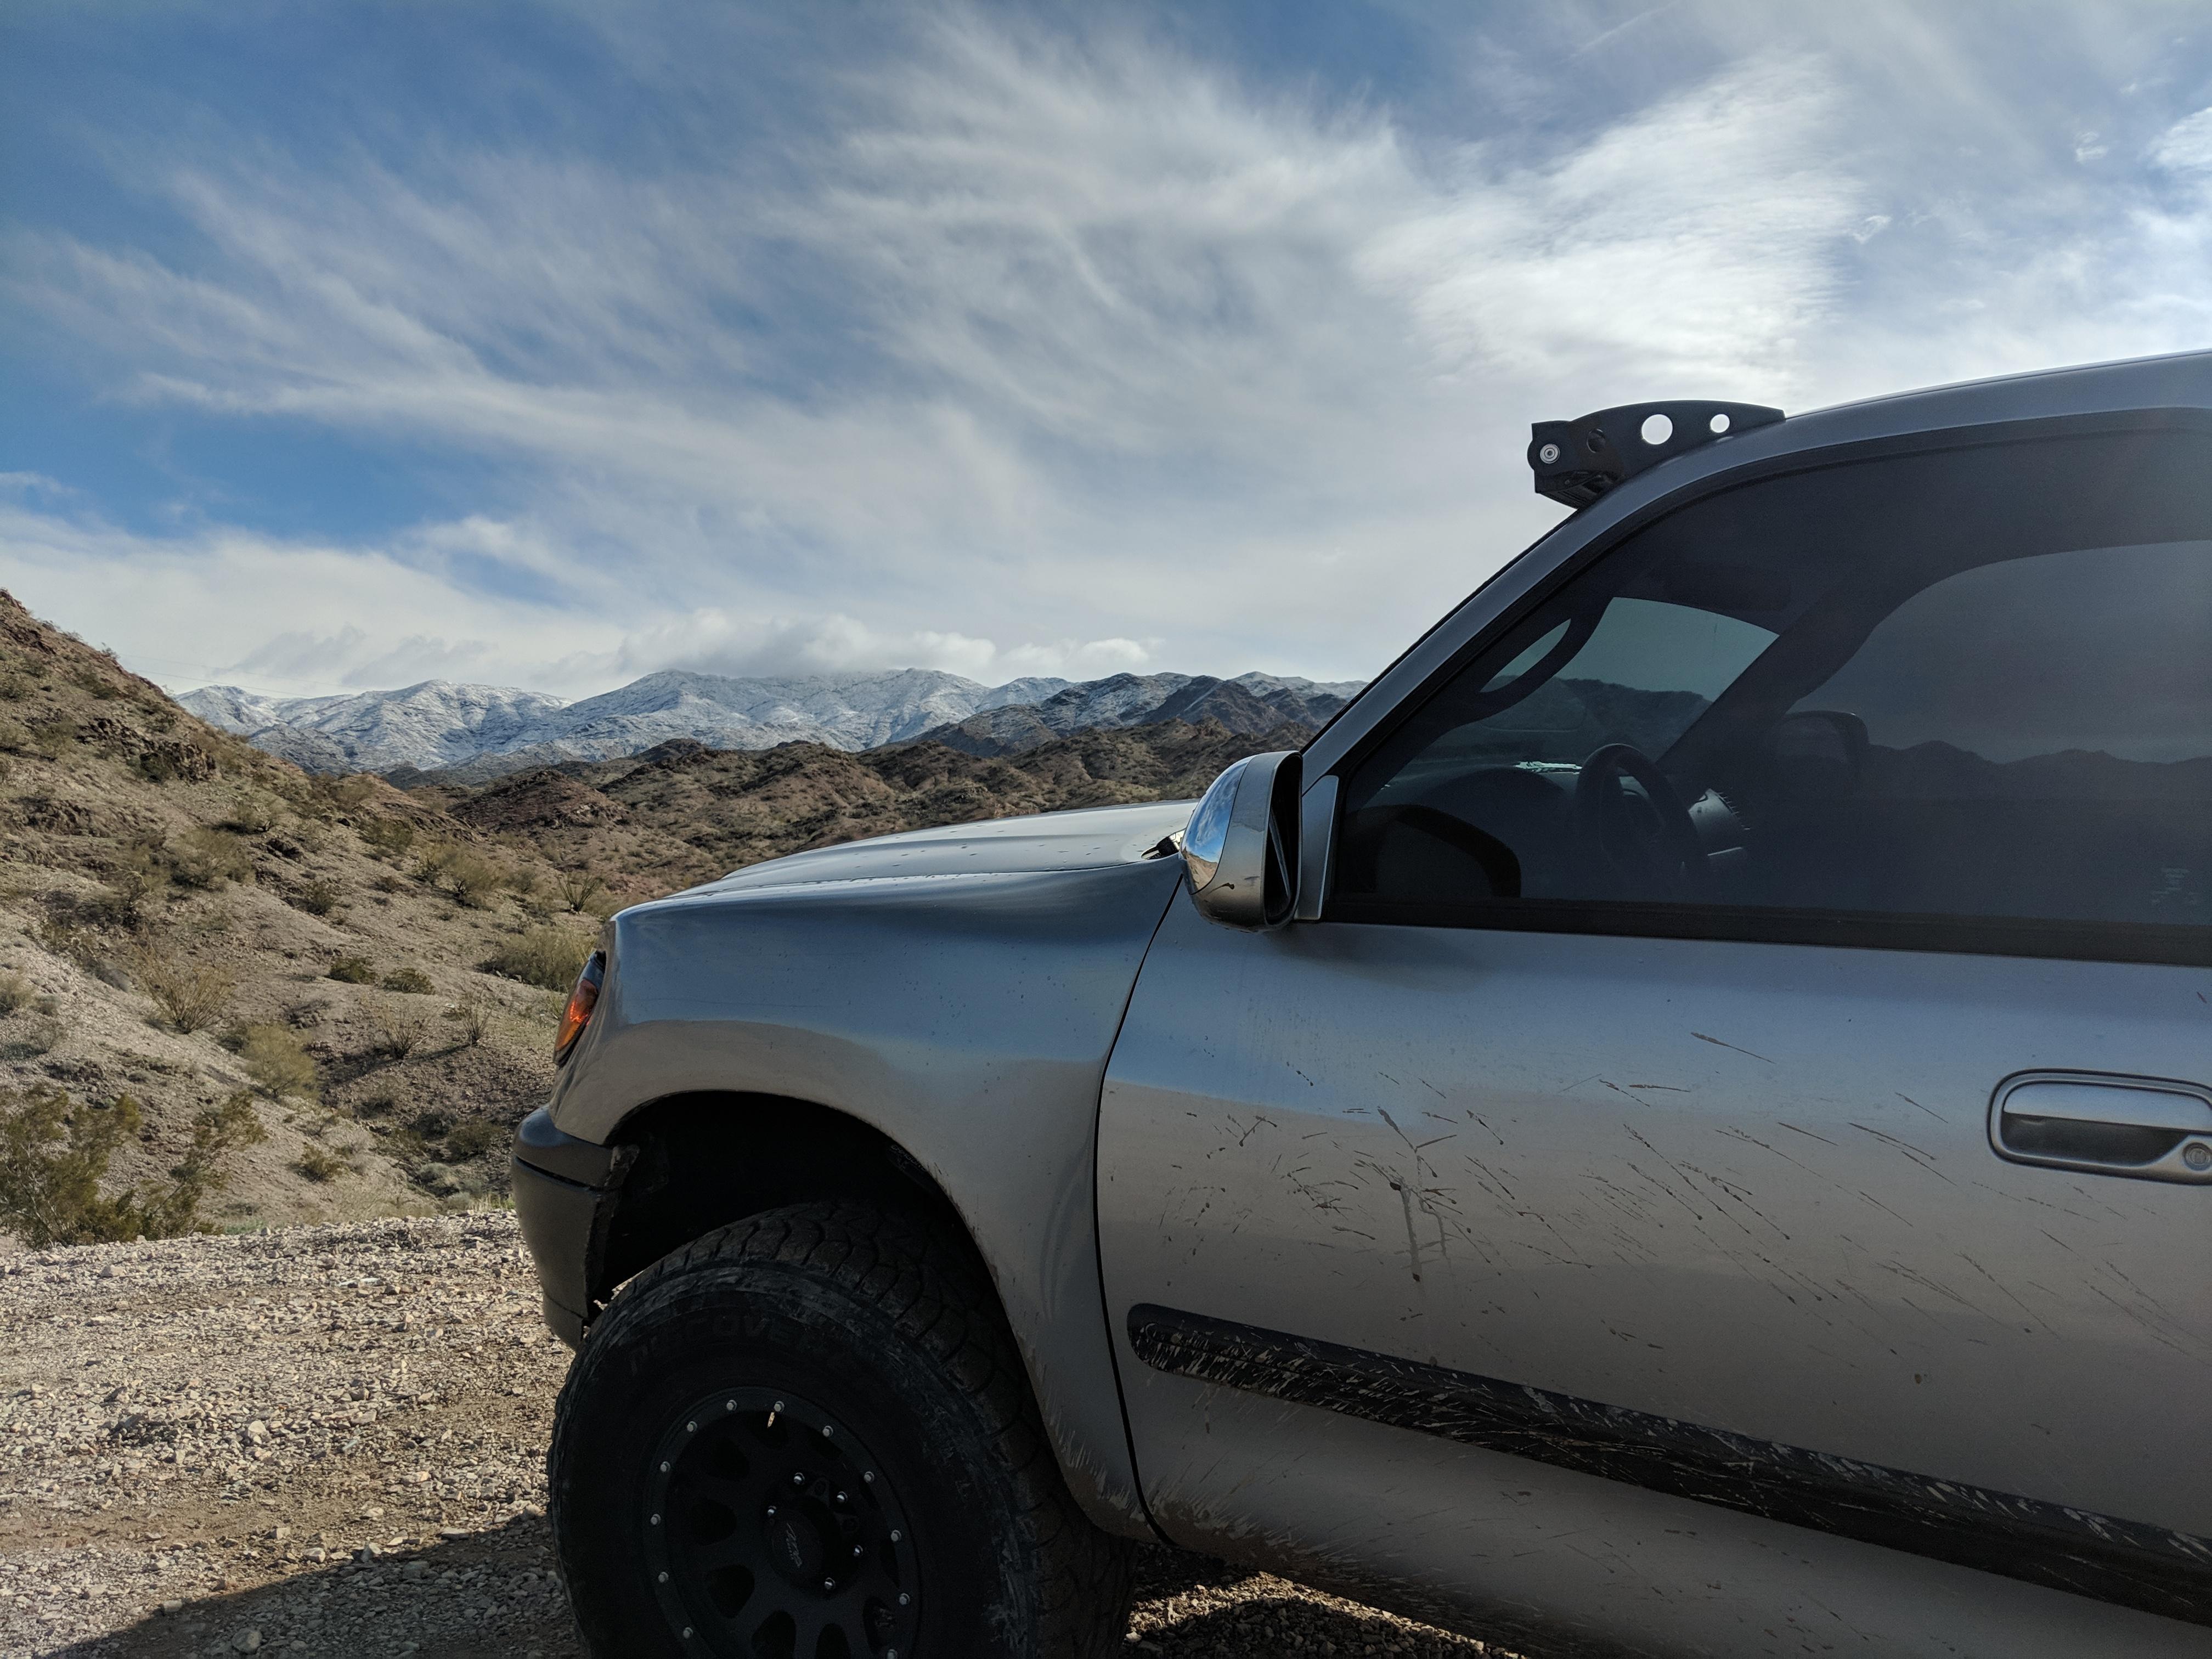 Toyota Tundra looking Badass